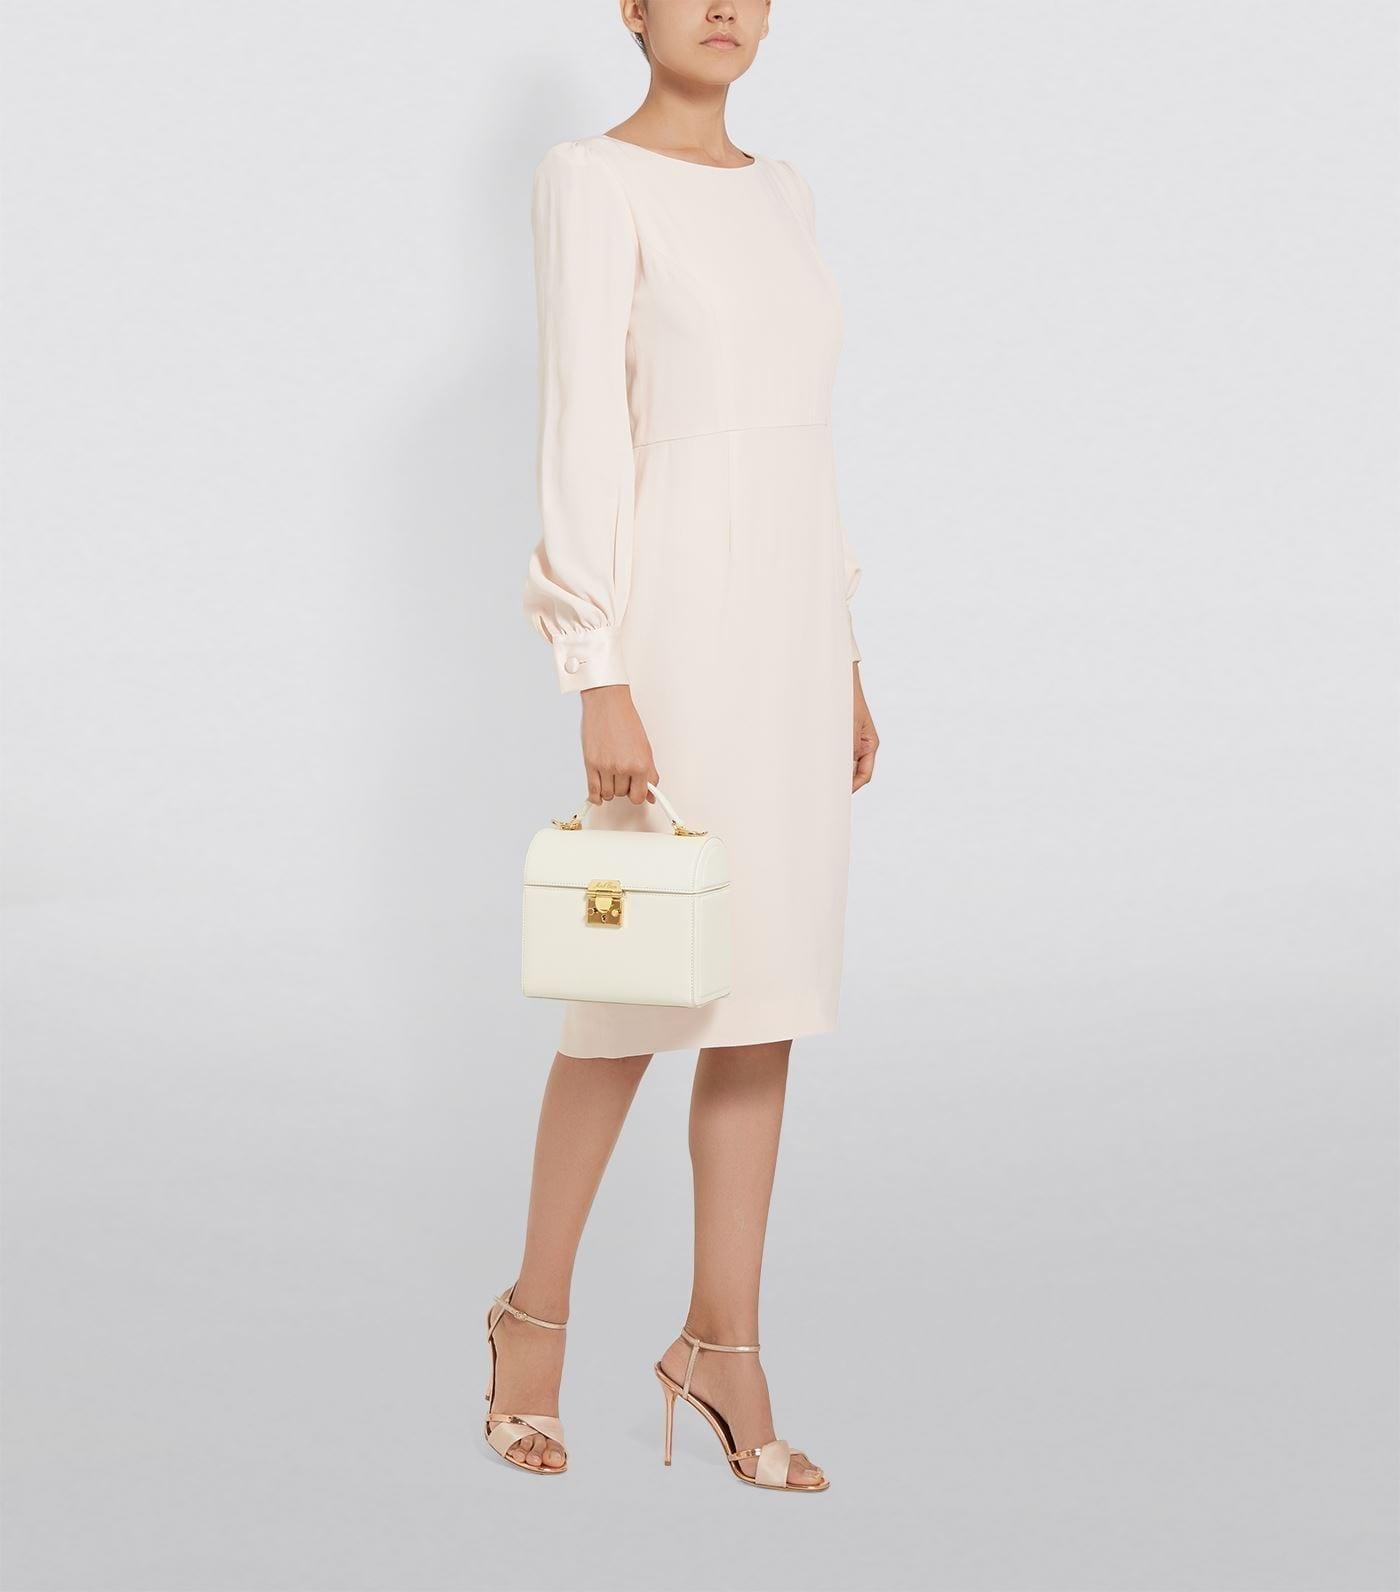 GOAT Harper Midi Dress